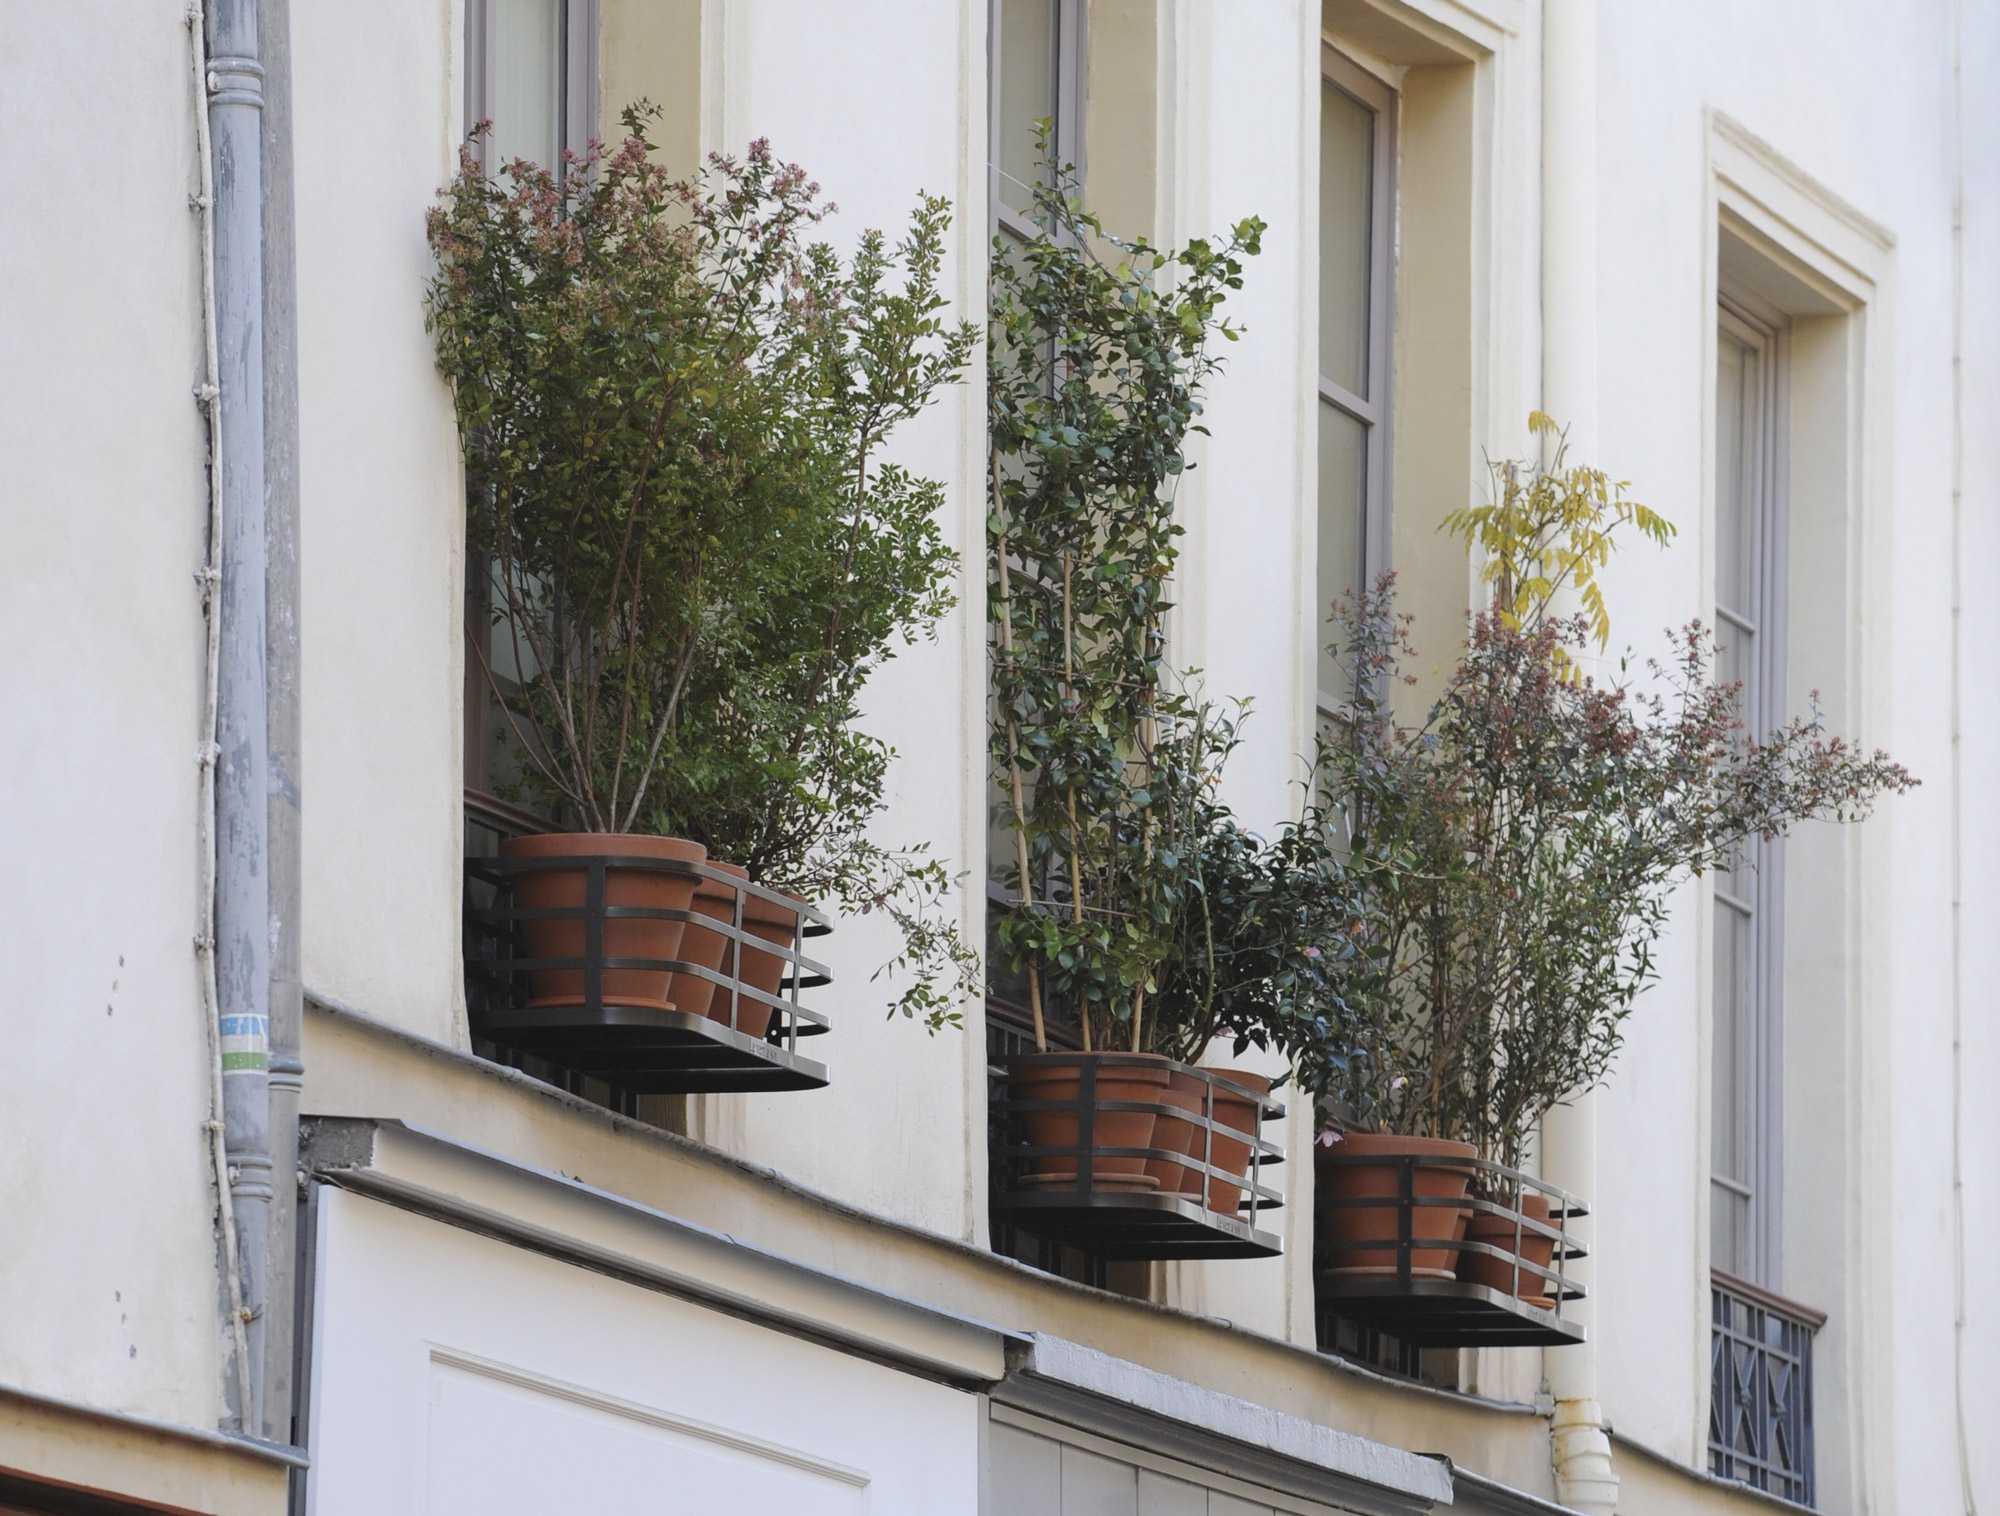 Vieille temple 008 le vert soi for Le jardin moghol 53 rue vieille du temple